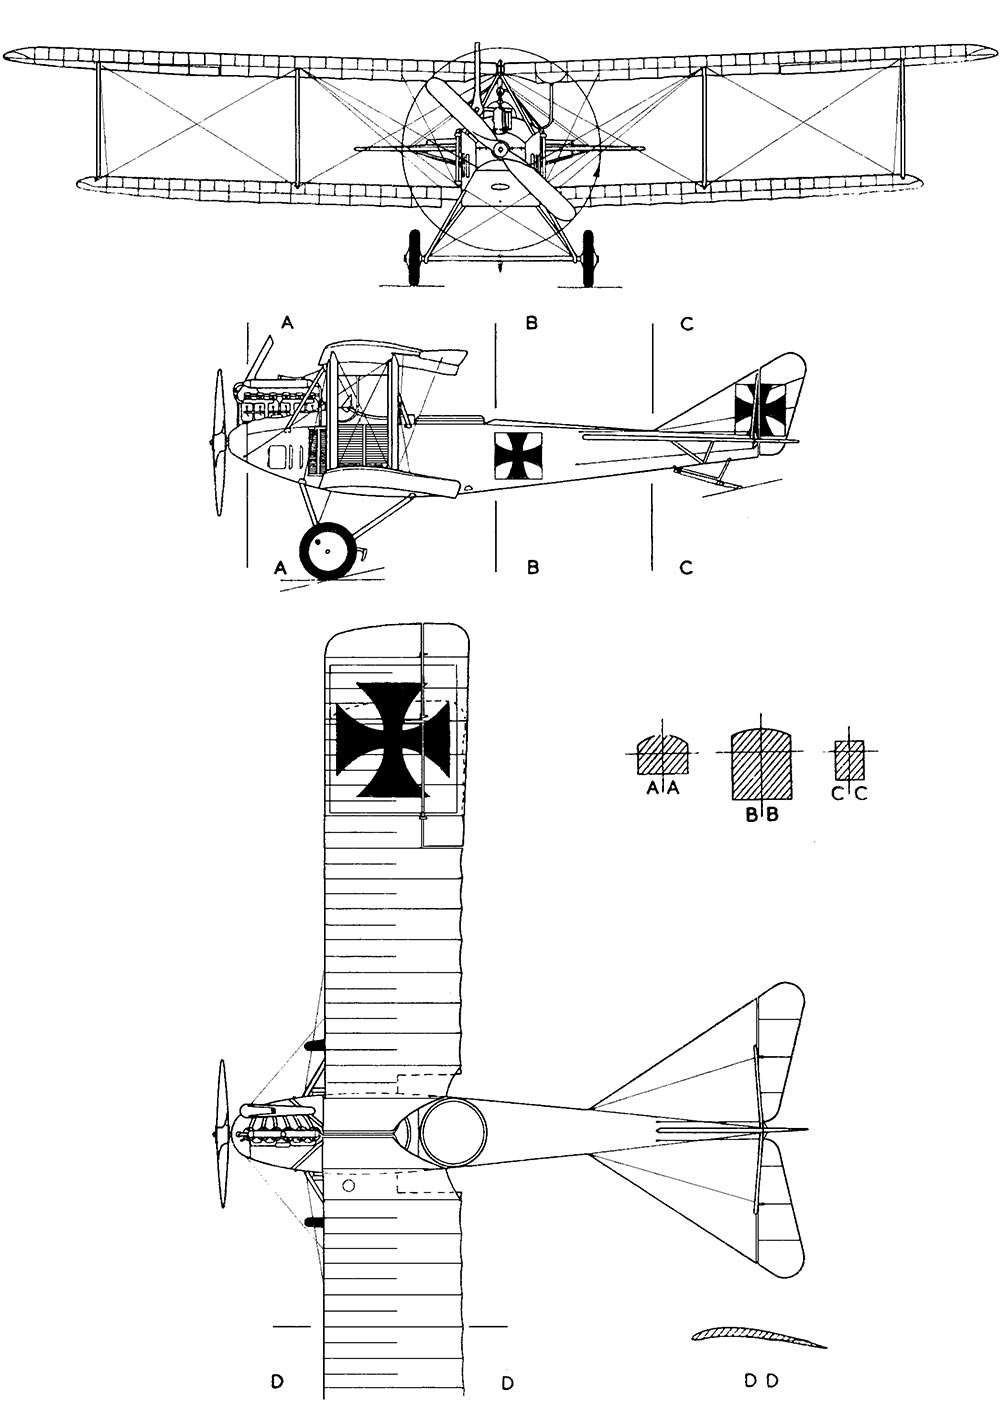 Чертеж немецкого самолета-разведчика Альбатрос C.I